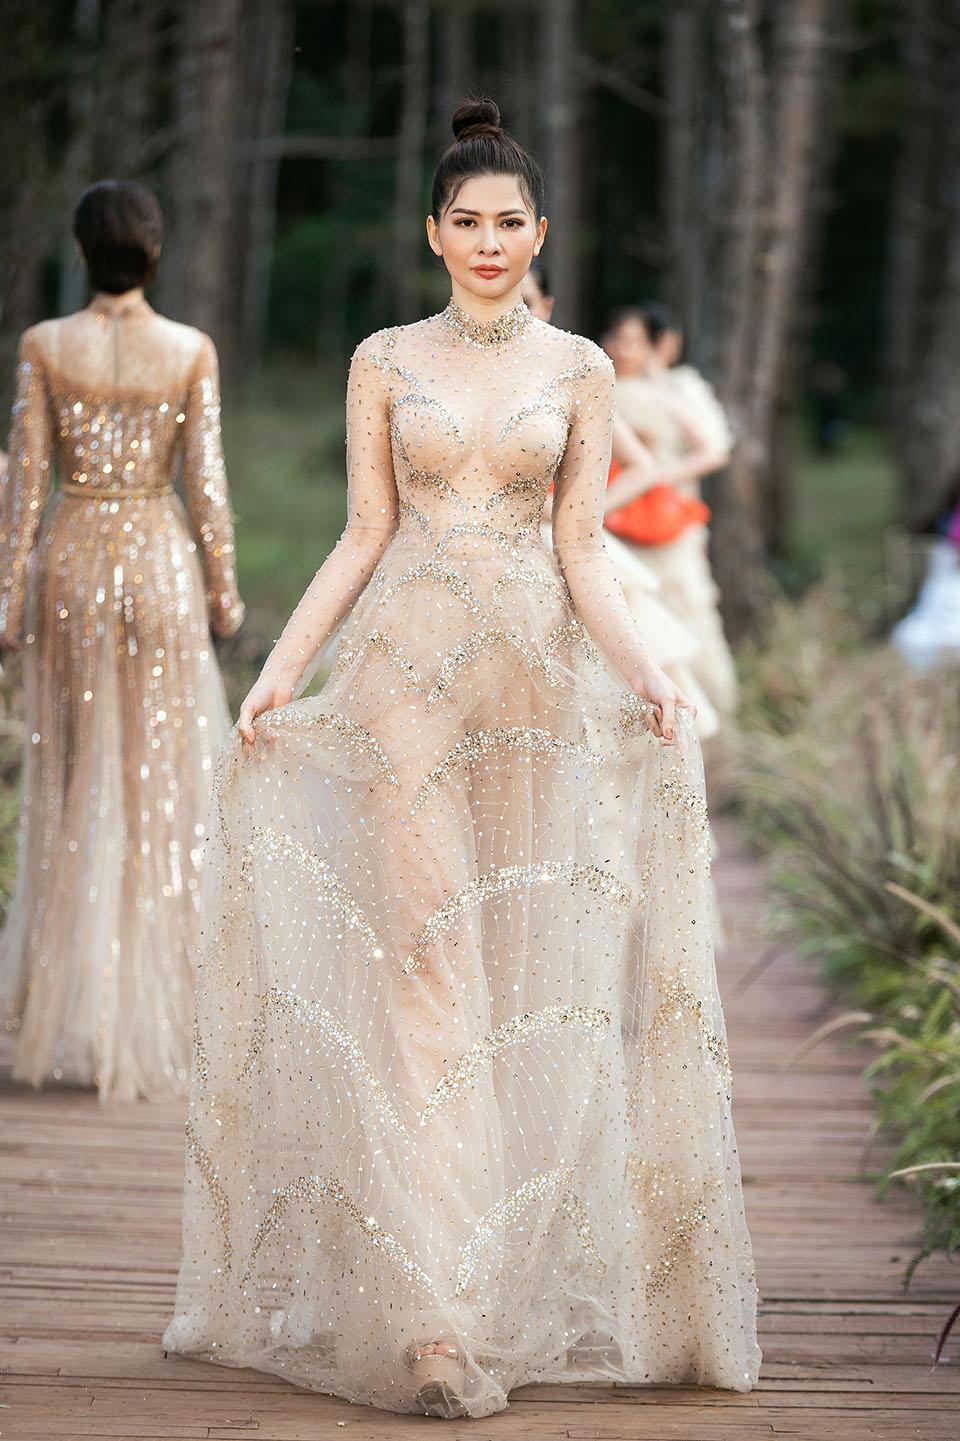 Hoàng Thuỳ làm vedette cho Lý Quí Khánh trong show diễn giữa rừng - 8